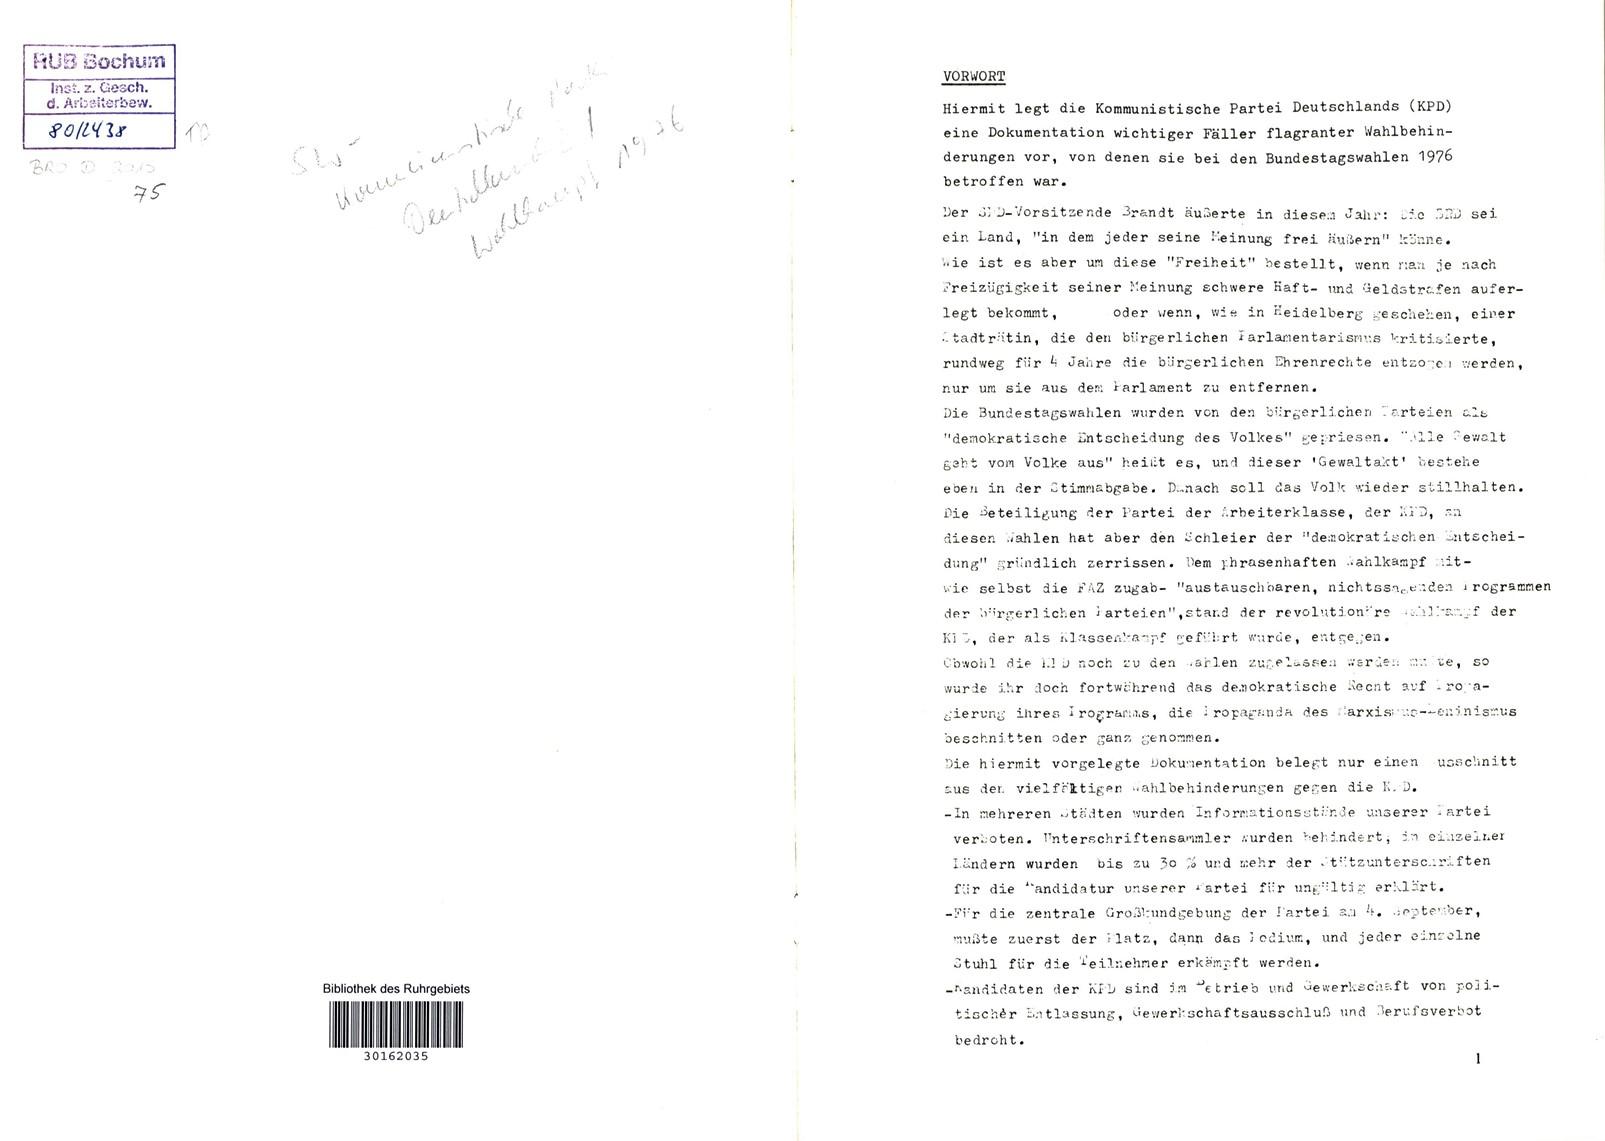 KPDAO_1976_Wahlbehinderungen_im_BTW_02